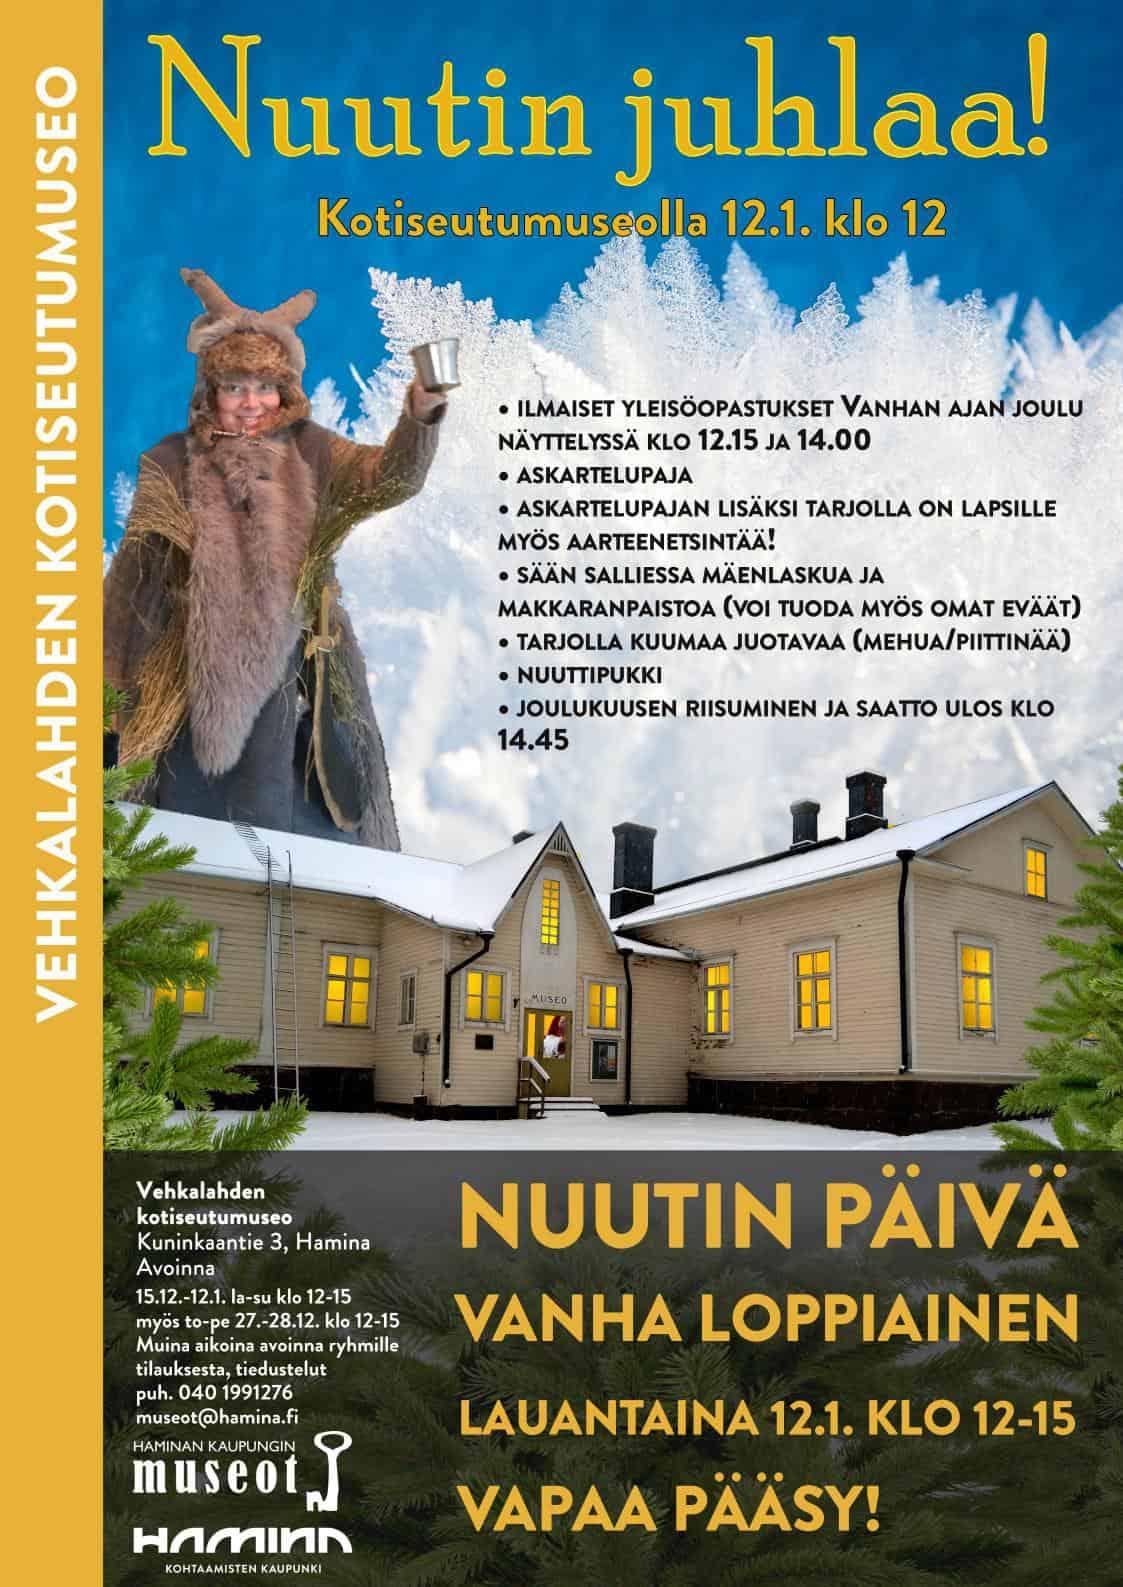 Nuutinpäivä Kotiseutumuseolla @ Vehkalahden Kotiseutumuseo